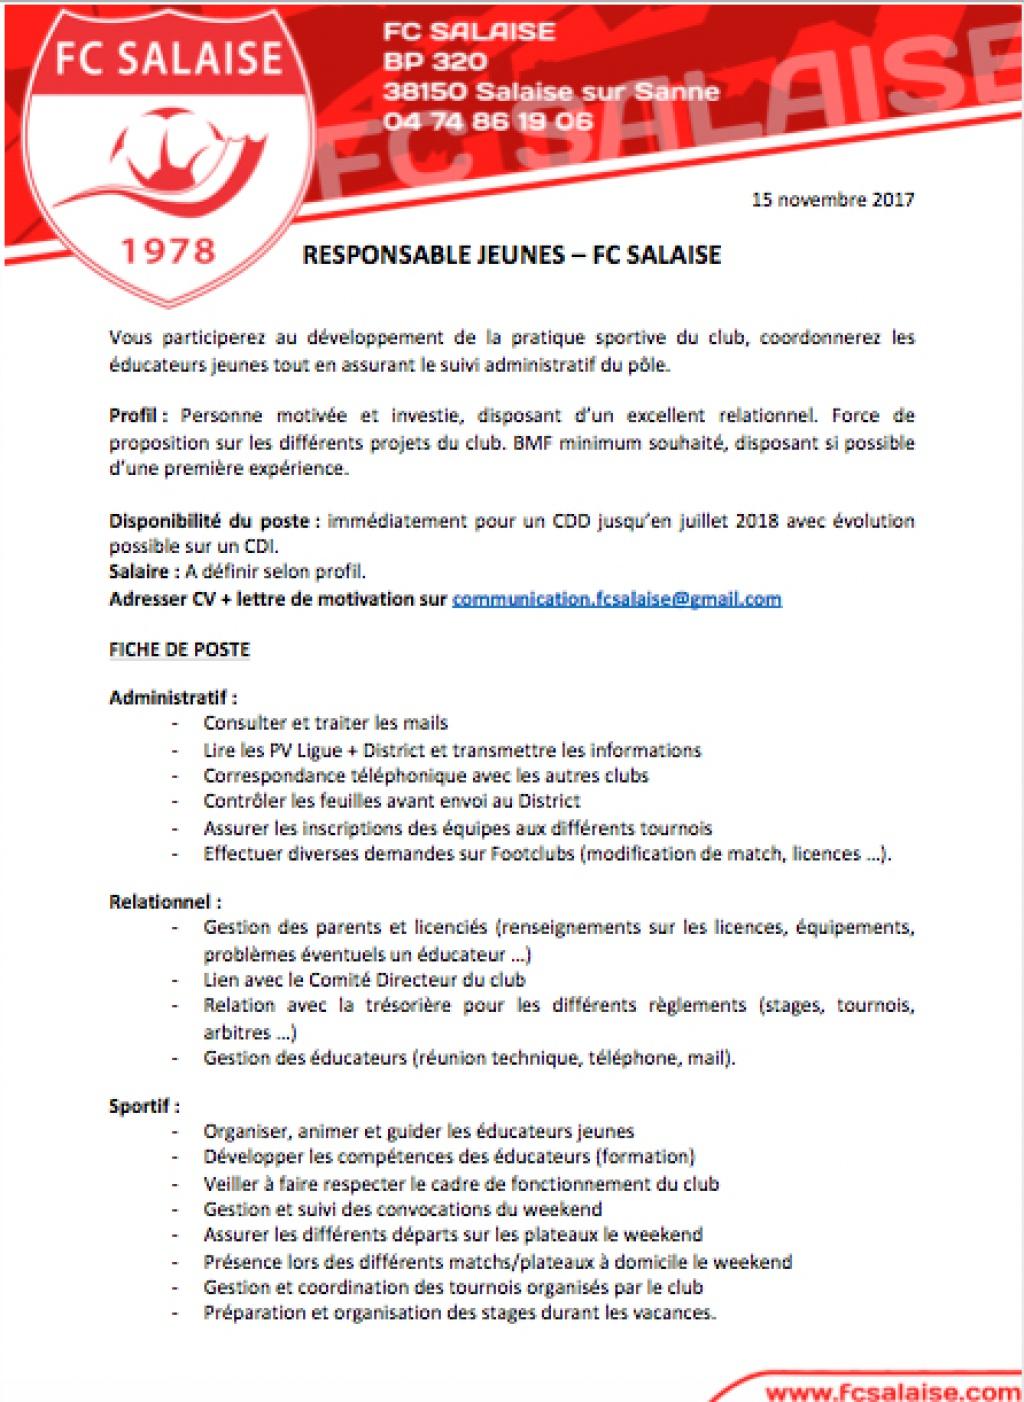 offre d u0026 39 emploi - responsable jeunes